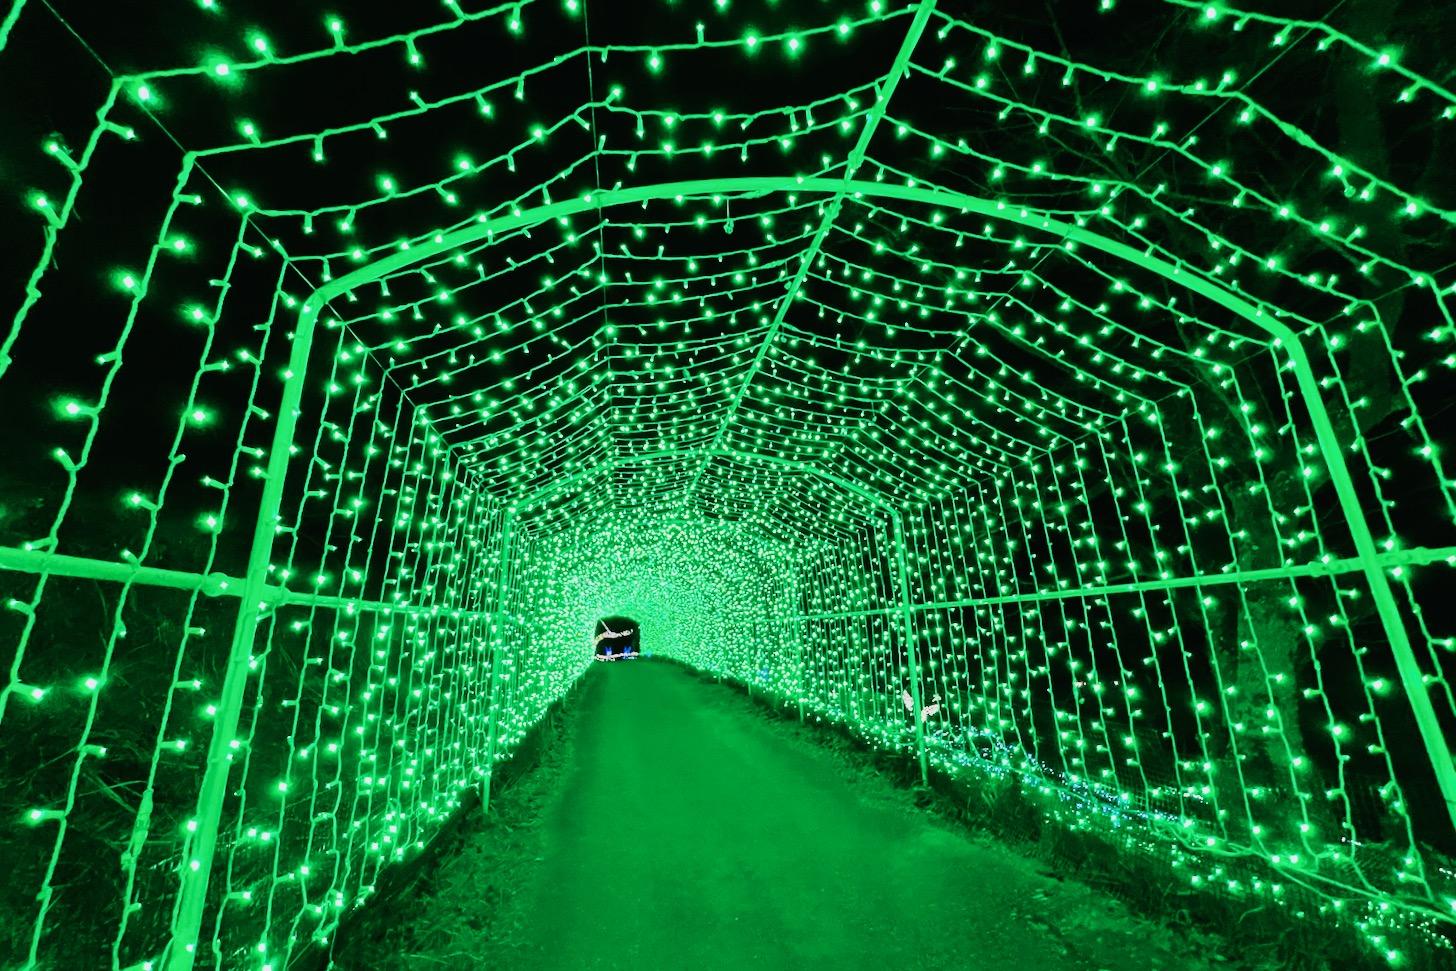 さがみ湖イルミリオン「光の大トンネル」